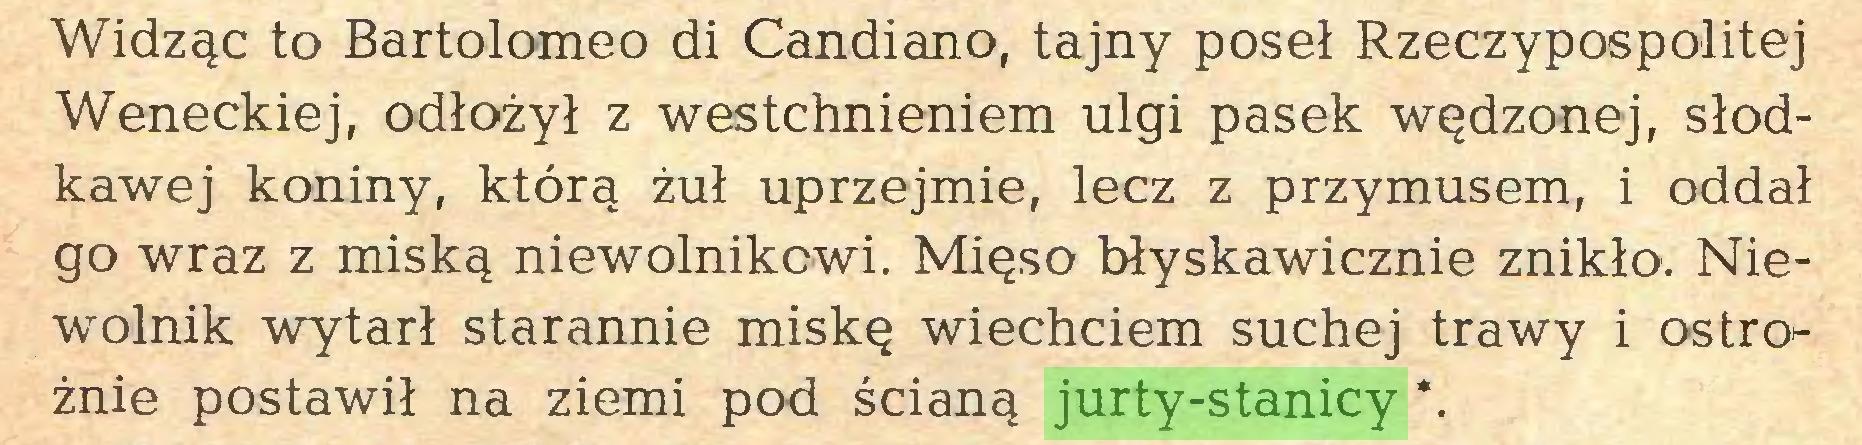 (...) Widząc to Bartolomeo di Candiano, tajny poseł Rzeczypospolitej Weneckiej, odłożył z westchnieniem ulgi pasek wędzonej, słodkawej koniny, którą żuł uprzejmie, lecz z przymusem, i oddał go wraz z miską niewolnikowi. Mięso błyskawicznie znikło. Niewolnik wytarł starannie miskę wiechciem suchej trawy i ostro^ żnie postawił na ziemi pod ścianą jurty-stanicy *...